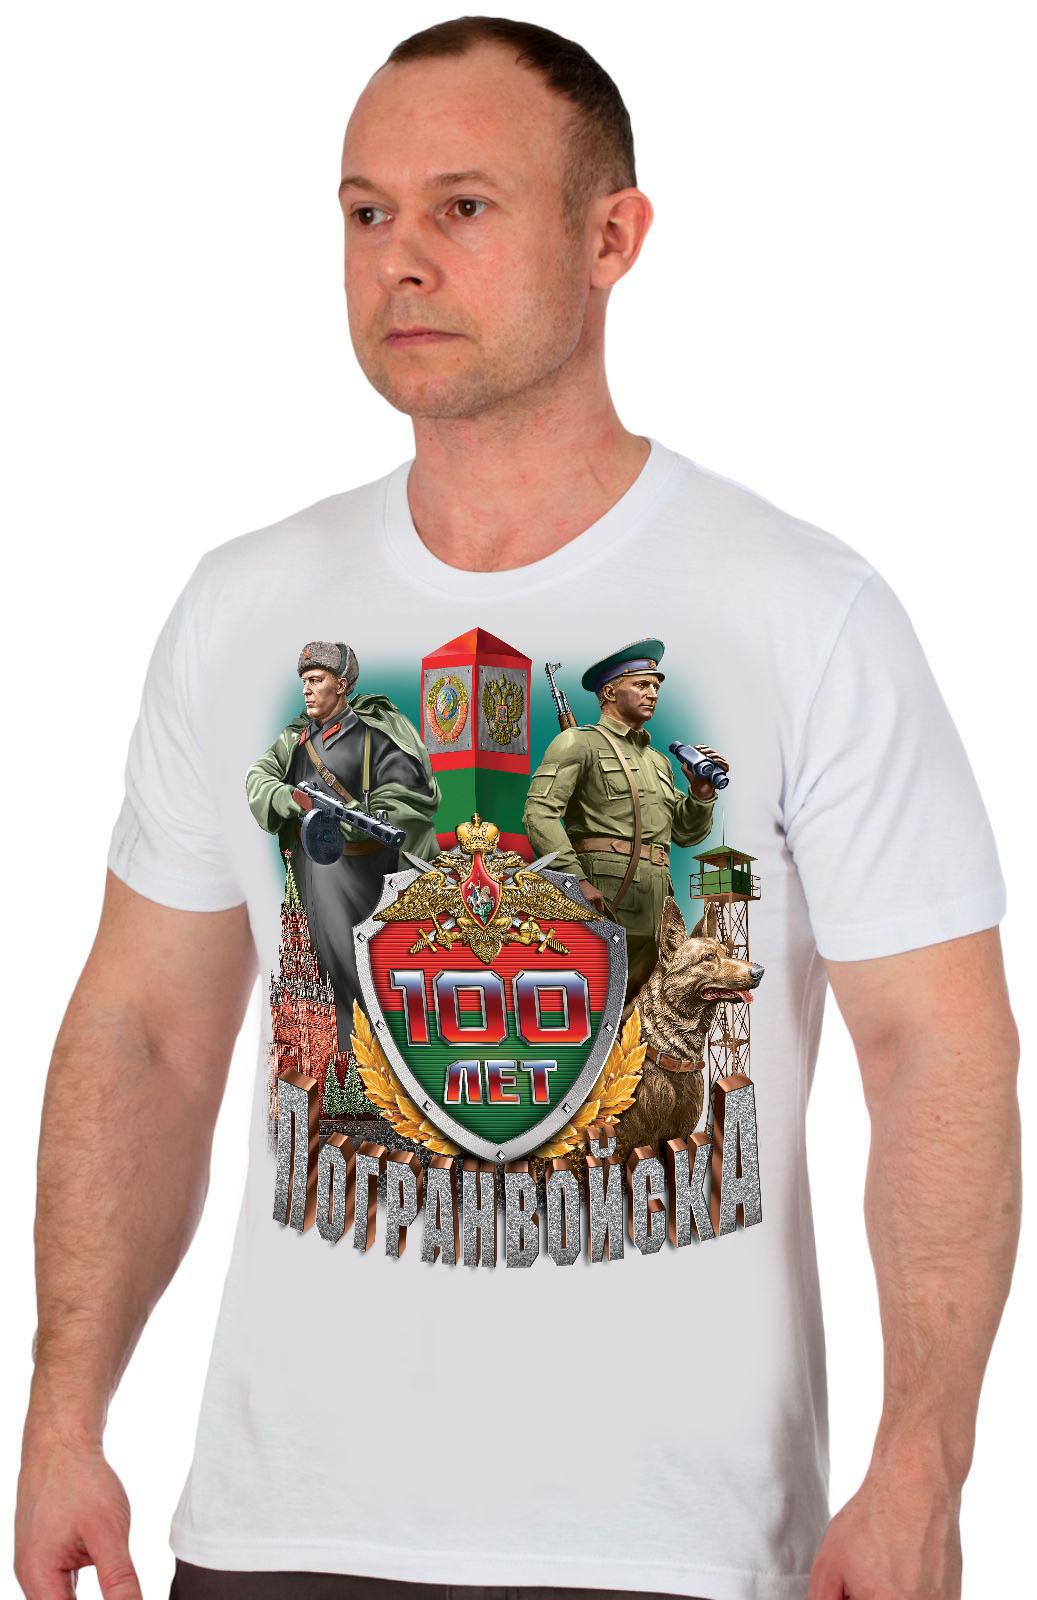 Купить пограничную футболку к 100-летию ПВ России